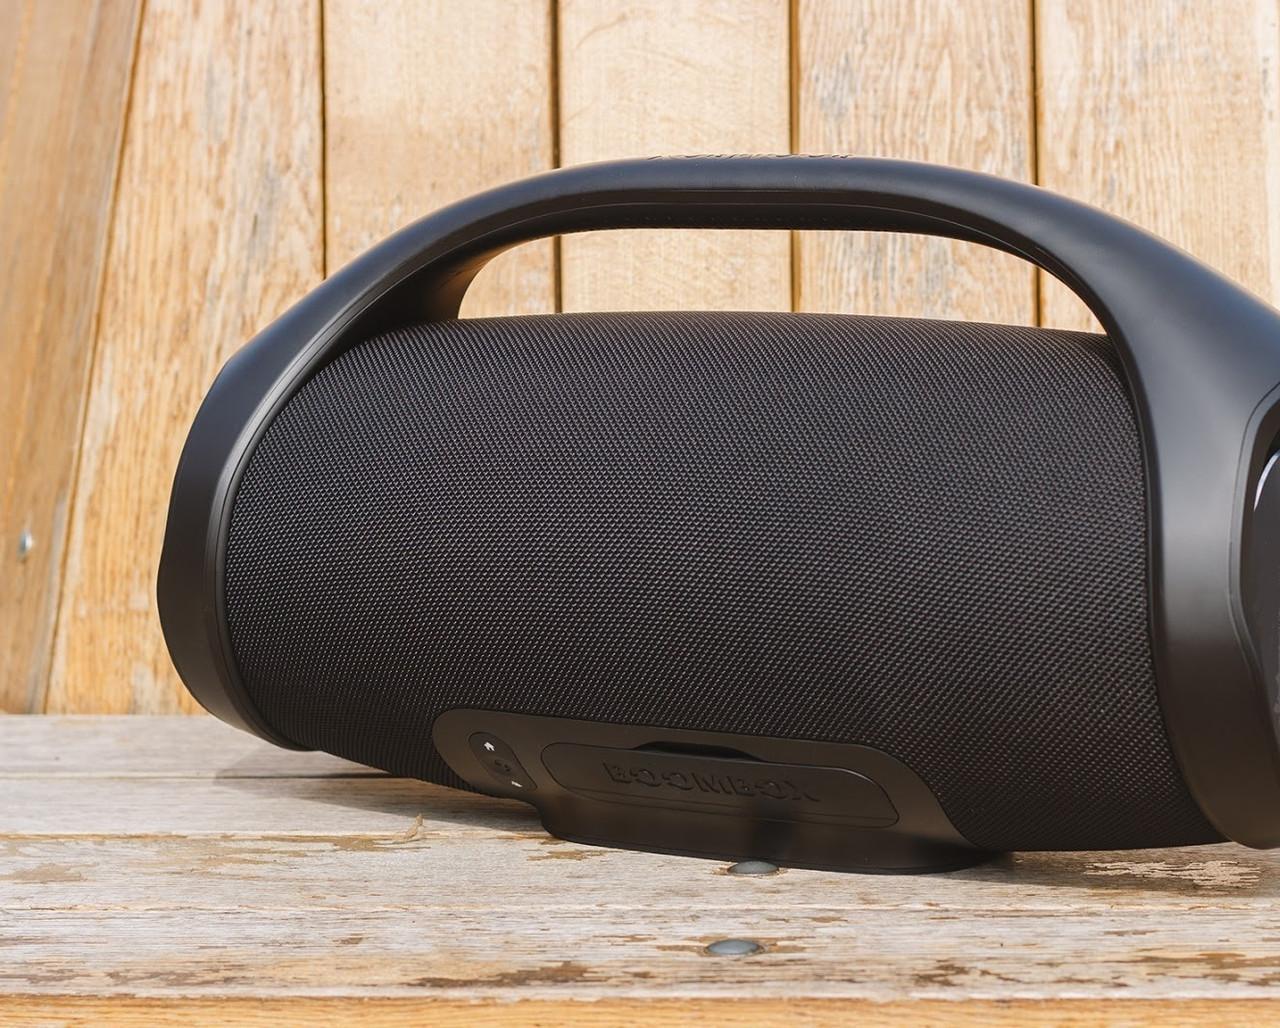 Переносная колонка портативная акустика Boombox 40 Вт для телефона ноутбука и пк, Колонка портативная блютуз